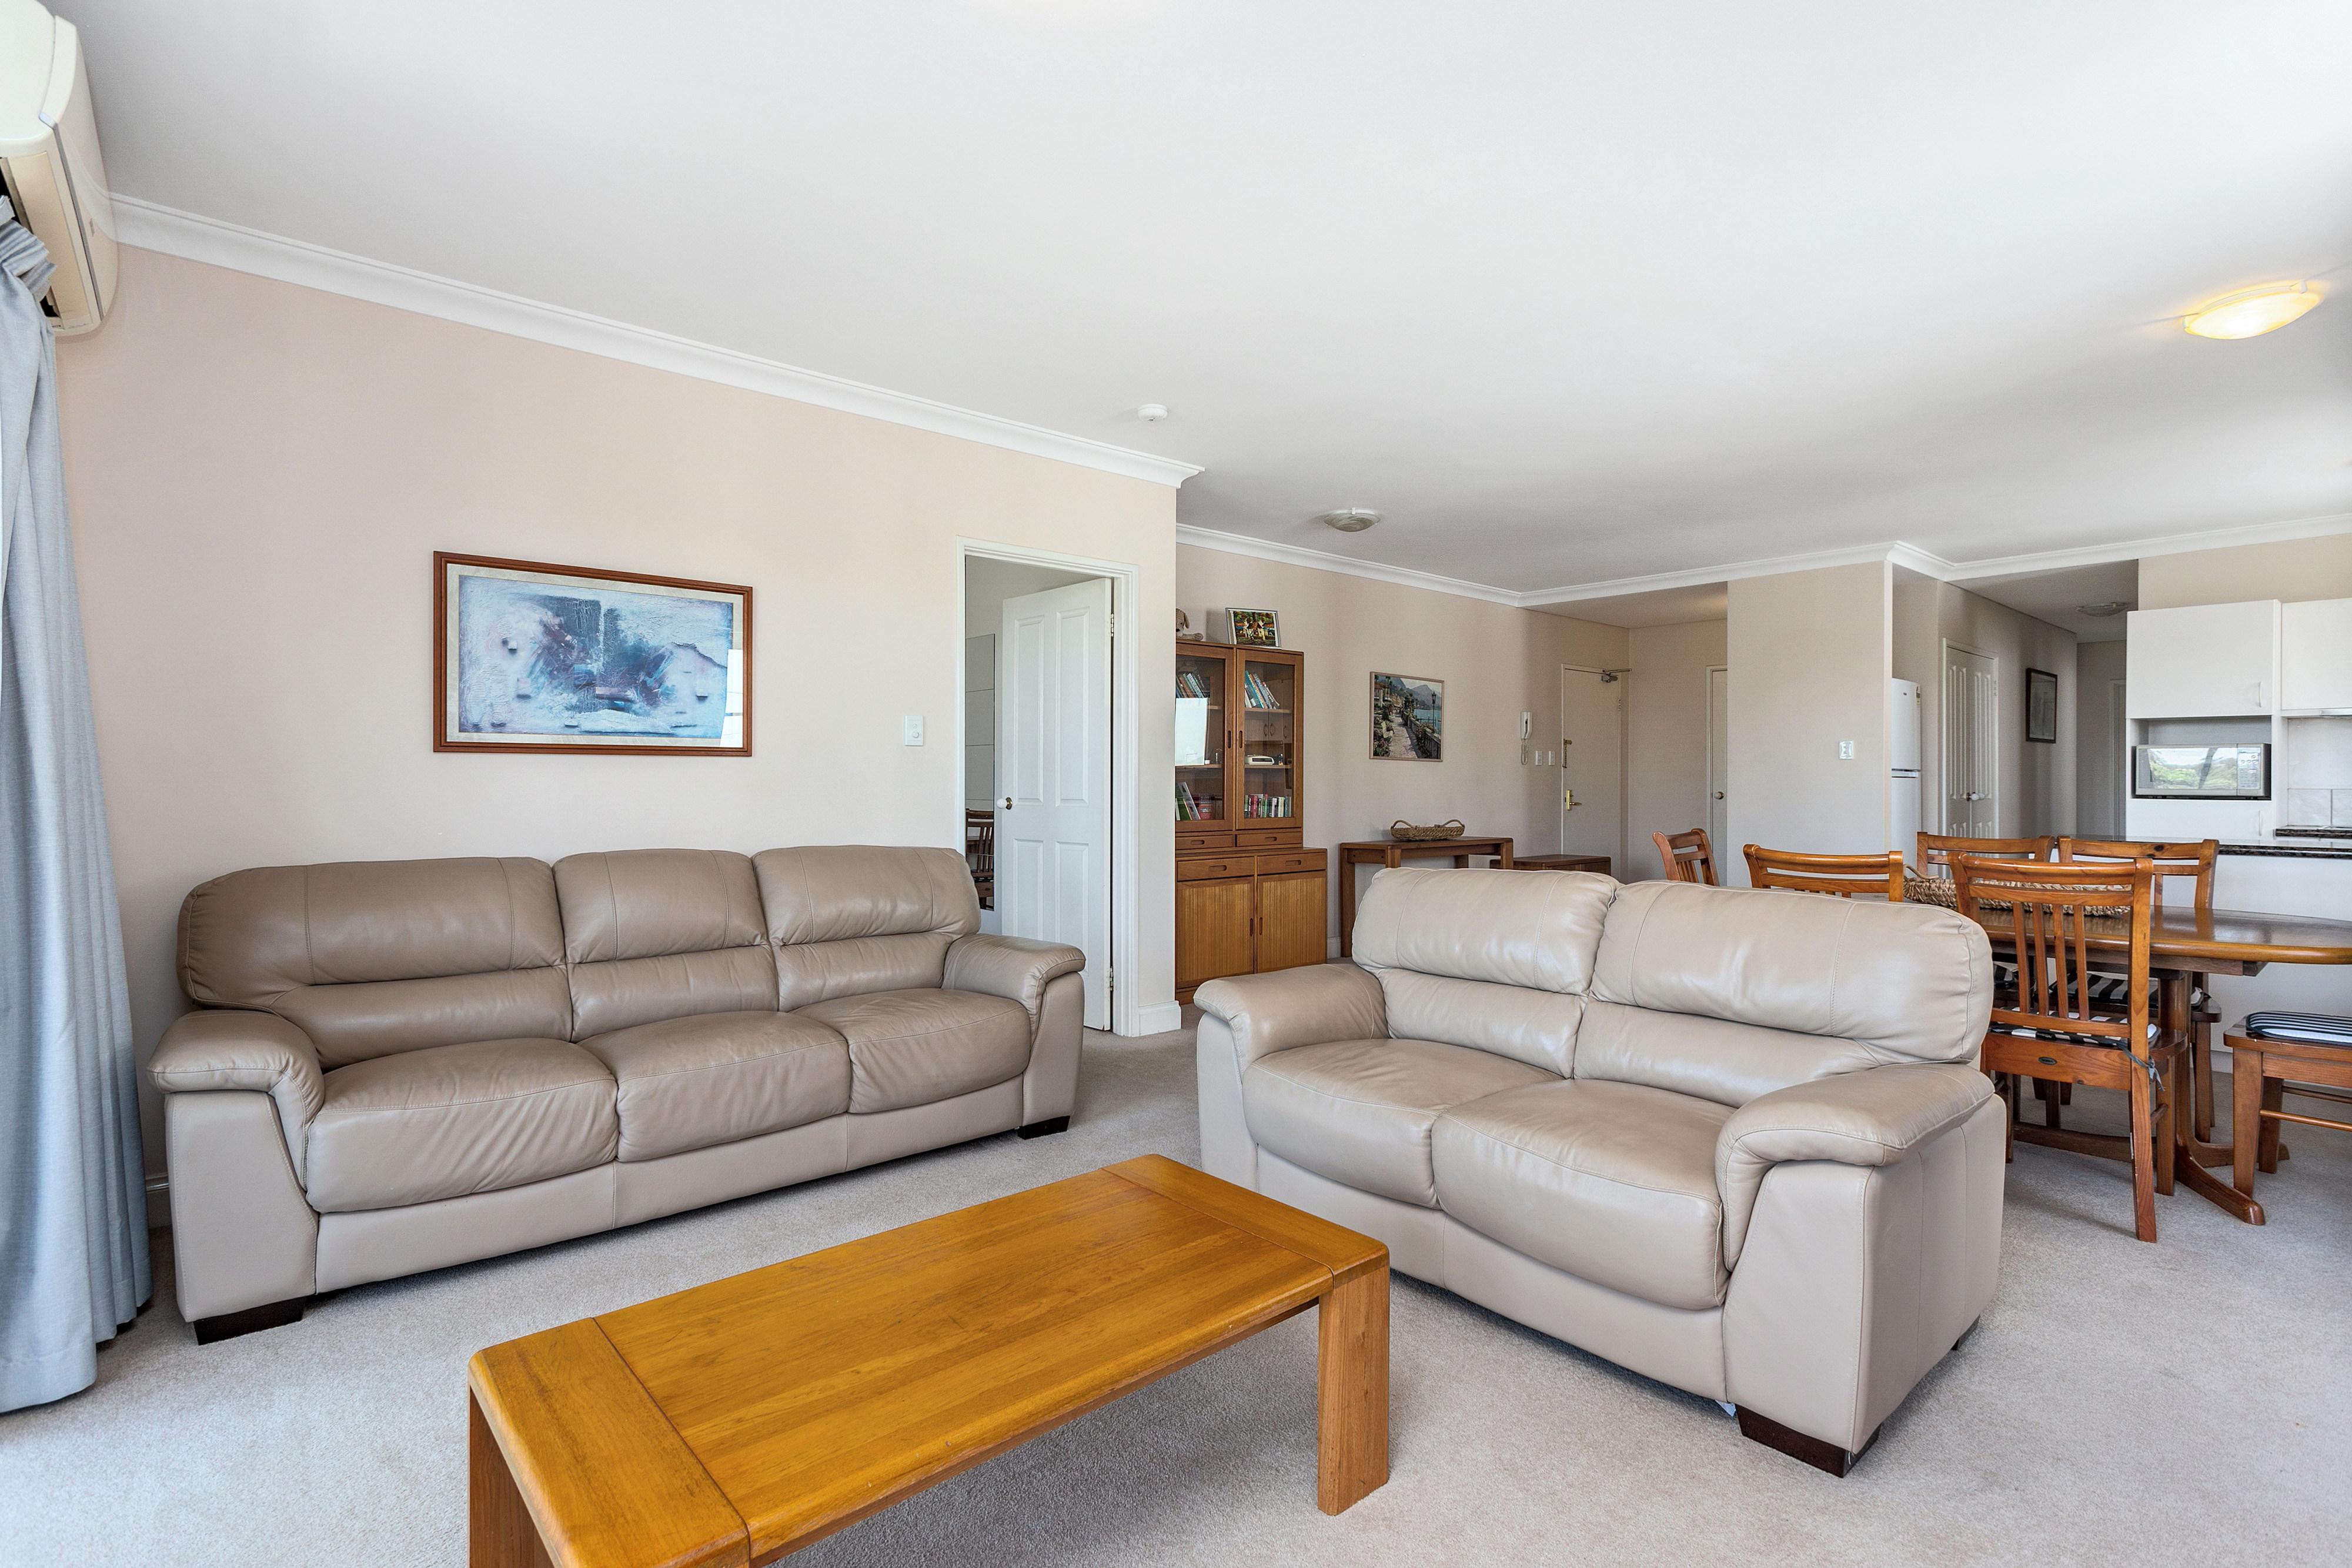 PRINT 9w 161 Colin Street, West Perth 19